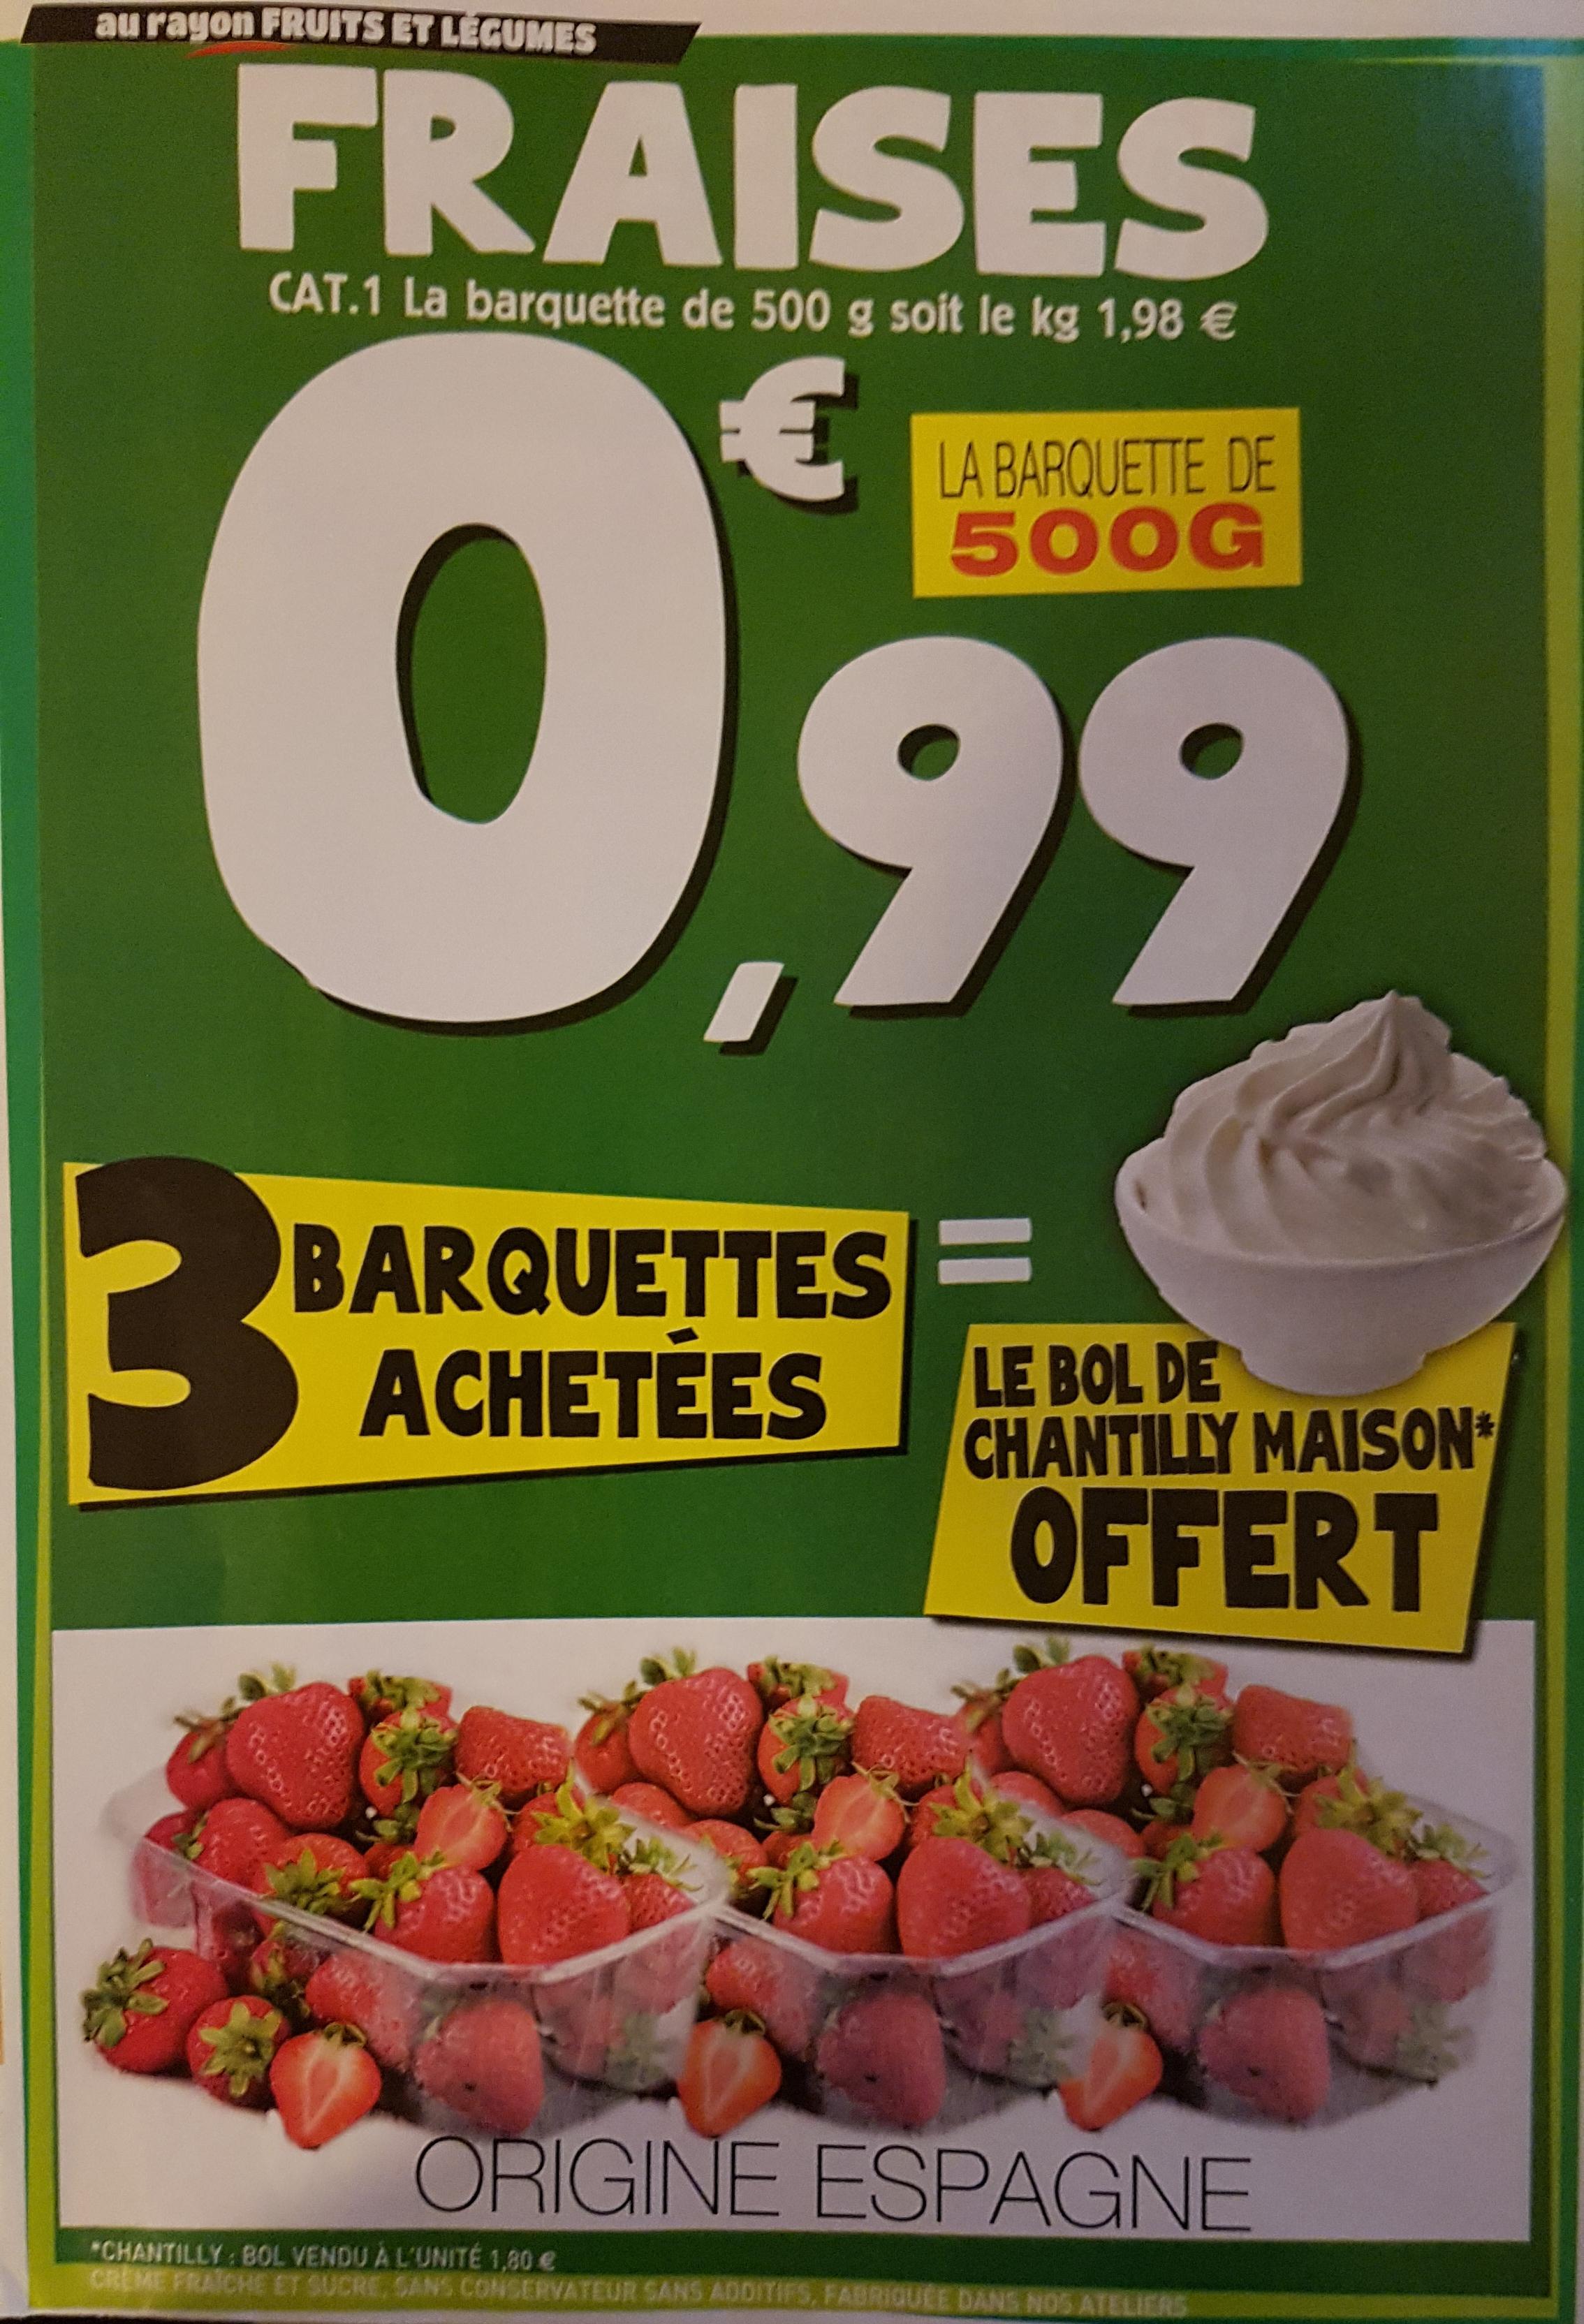 Barquette de 500g de fraises - E.Leclerc Nîmes (30)